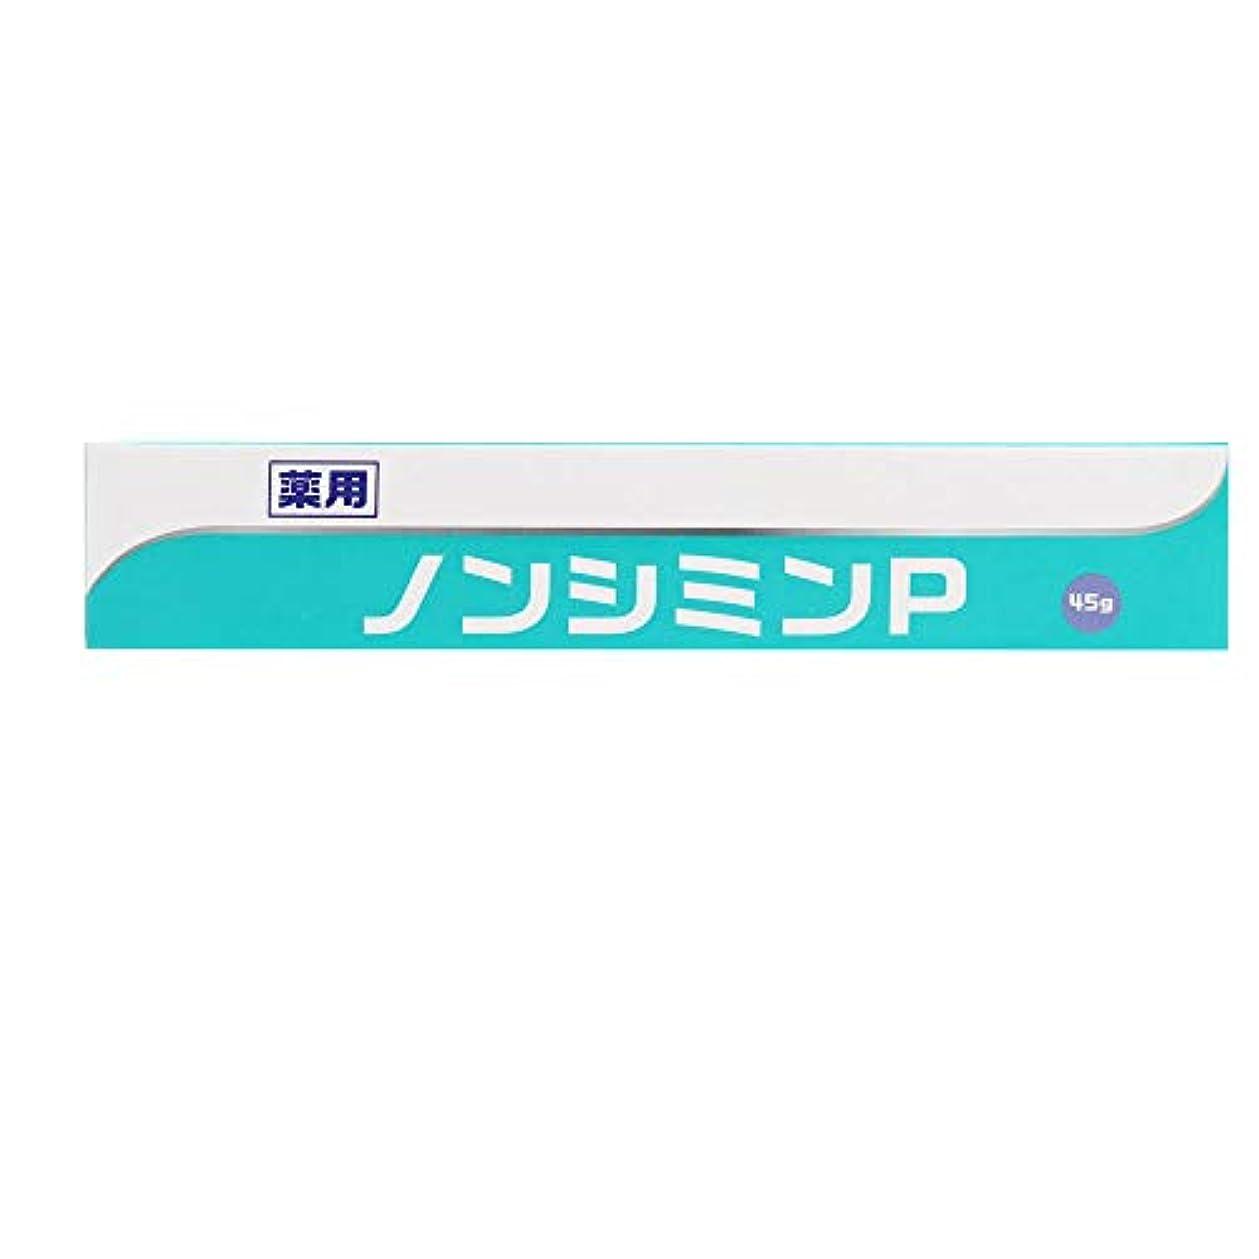 合成対応ペンフレンド薬用ノンシミンP 45g ジェルタイプ 医薬部外品